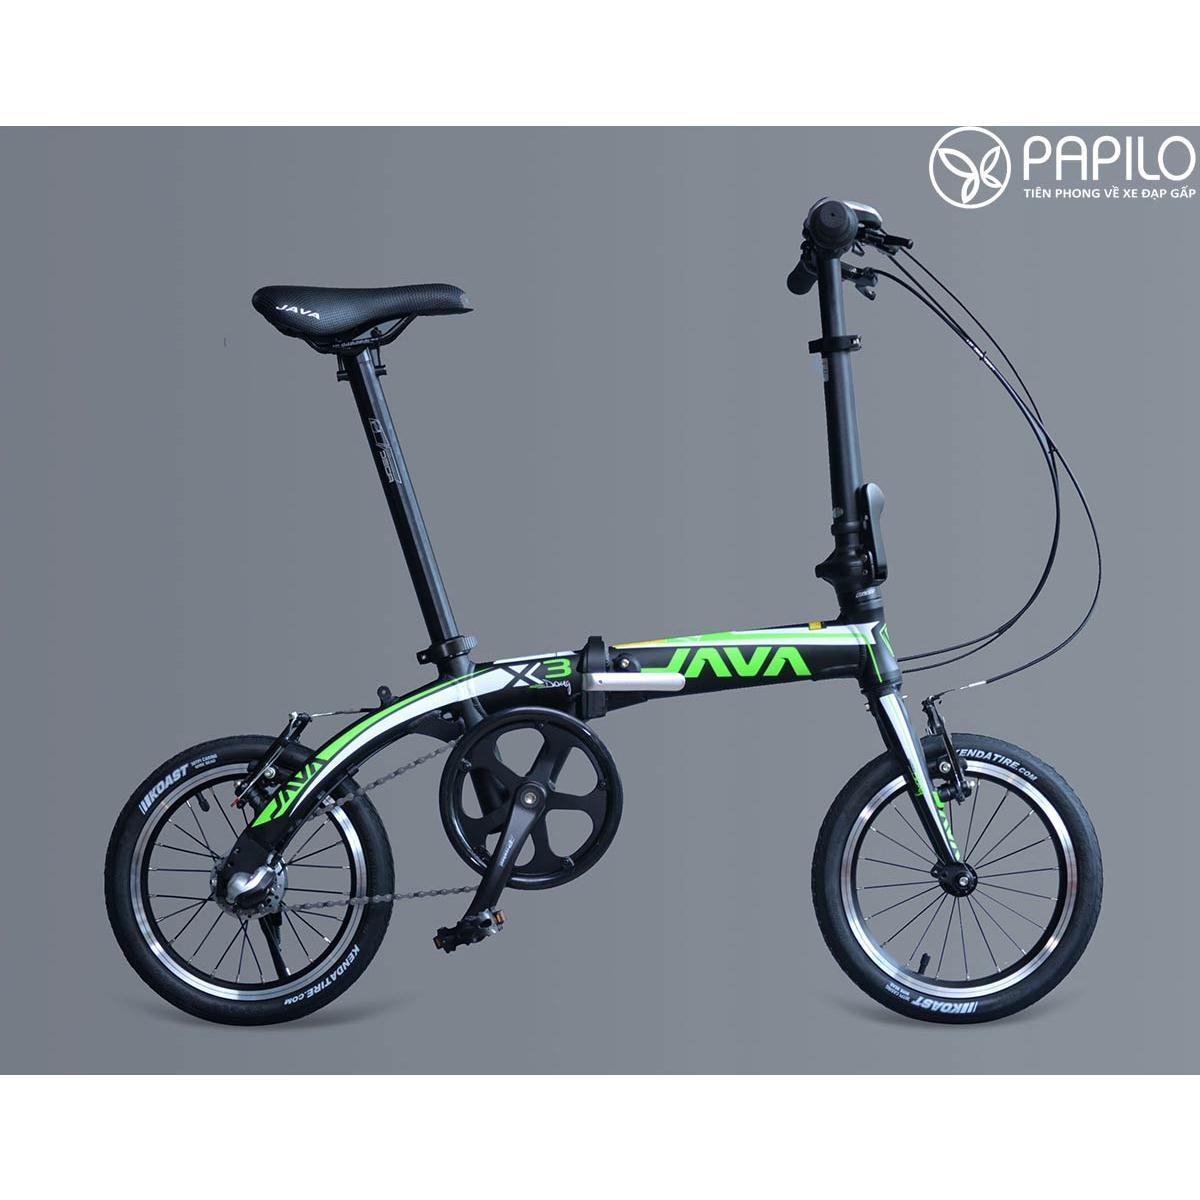 Java X3- Xe đạp Ý đẳng cấp hàng đầu châu âu